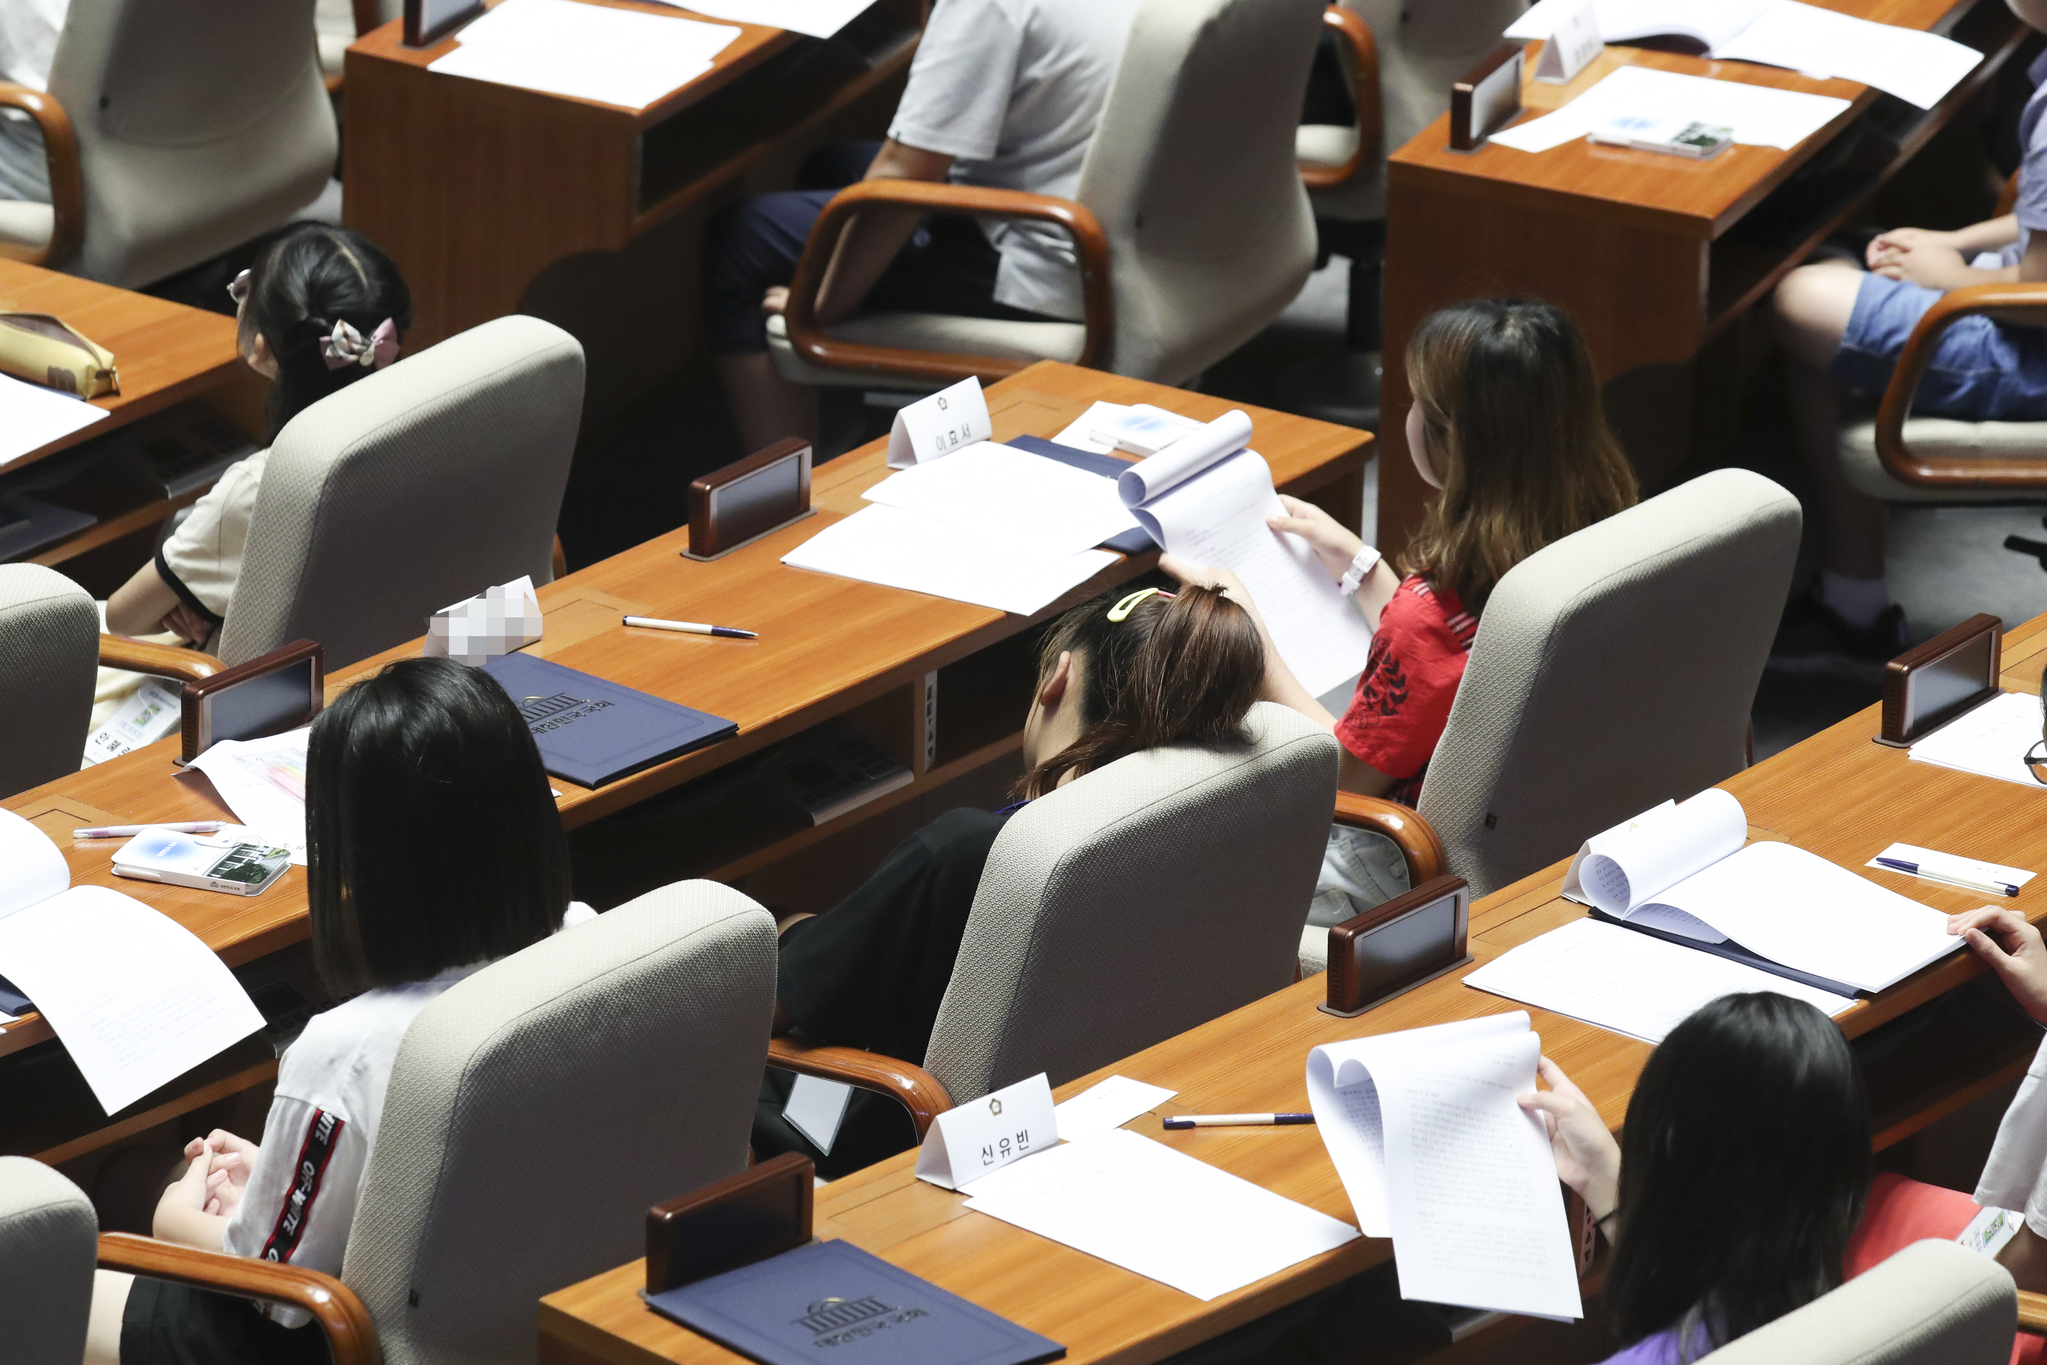 한 어린이 국회의원이 식곤증을 이기지 못하고 졸고 있다. 임현동 기자